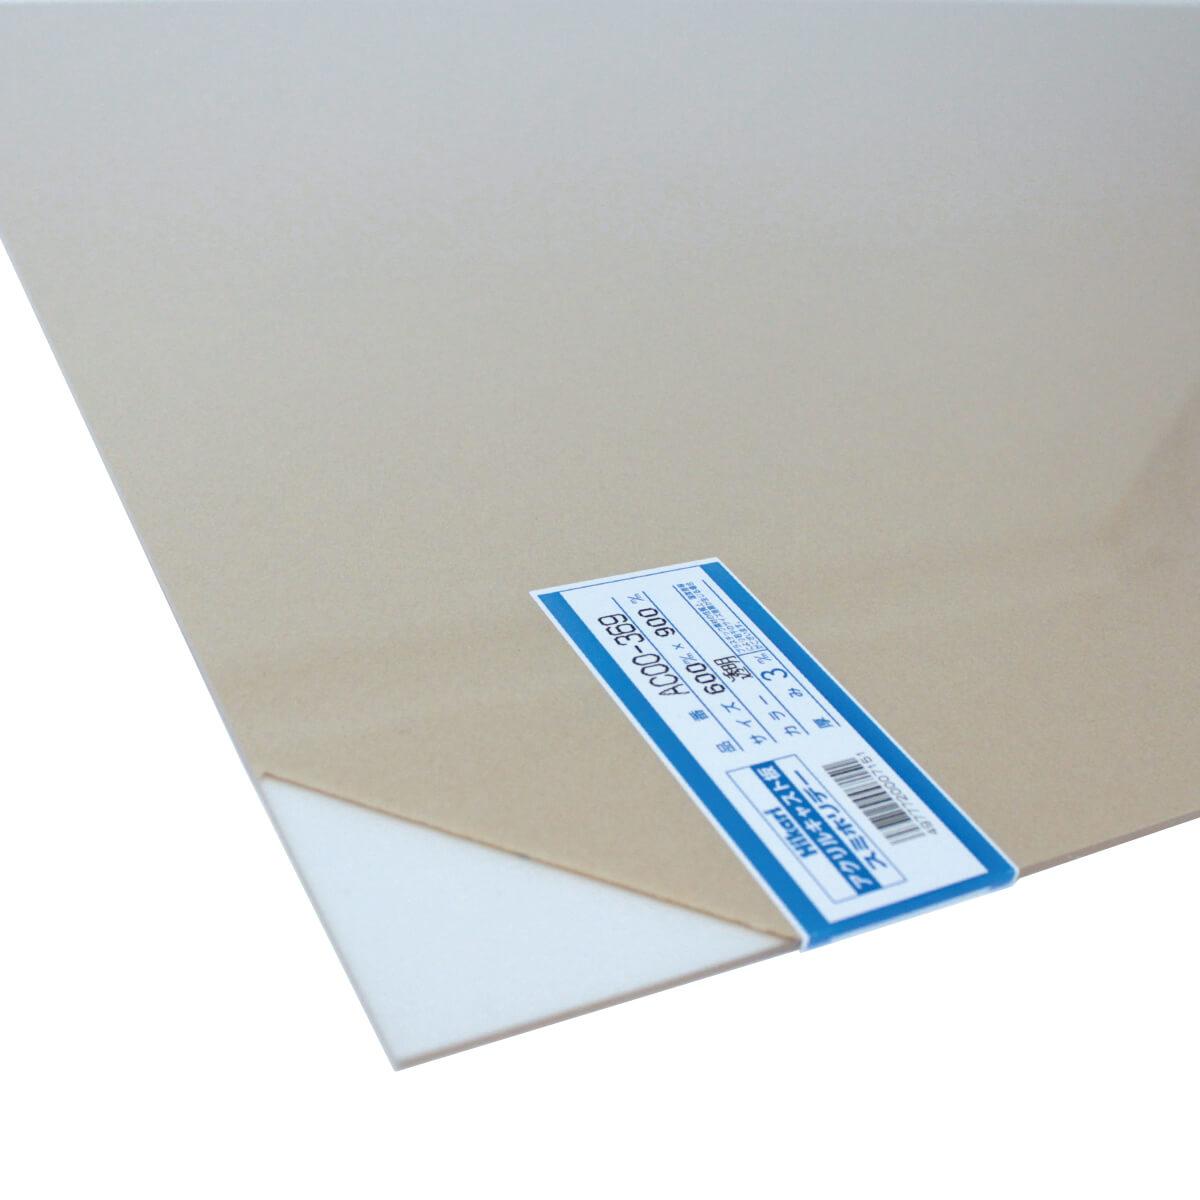 アクリルキャスト板 透明 3×600×900(mm)